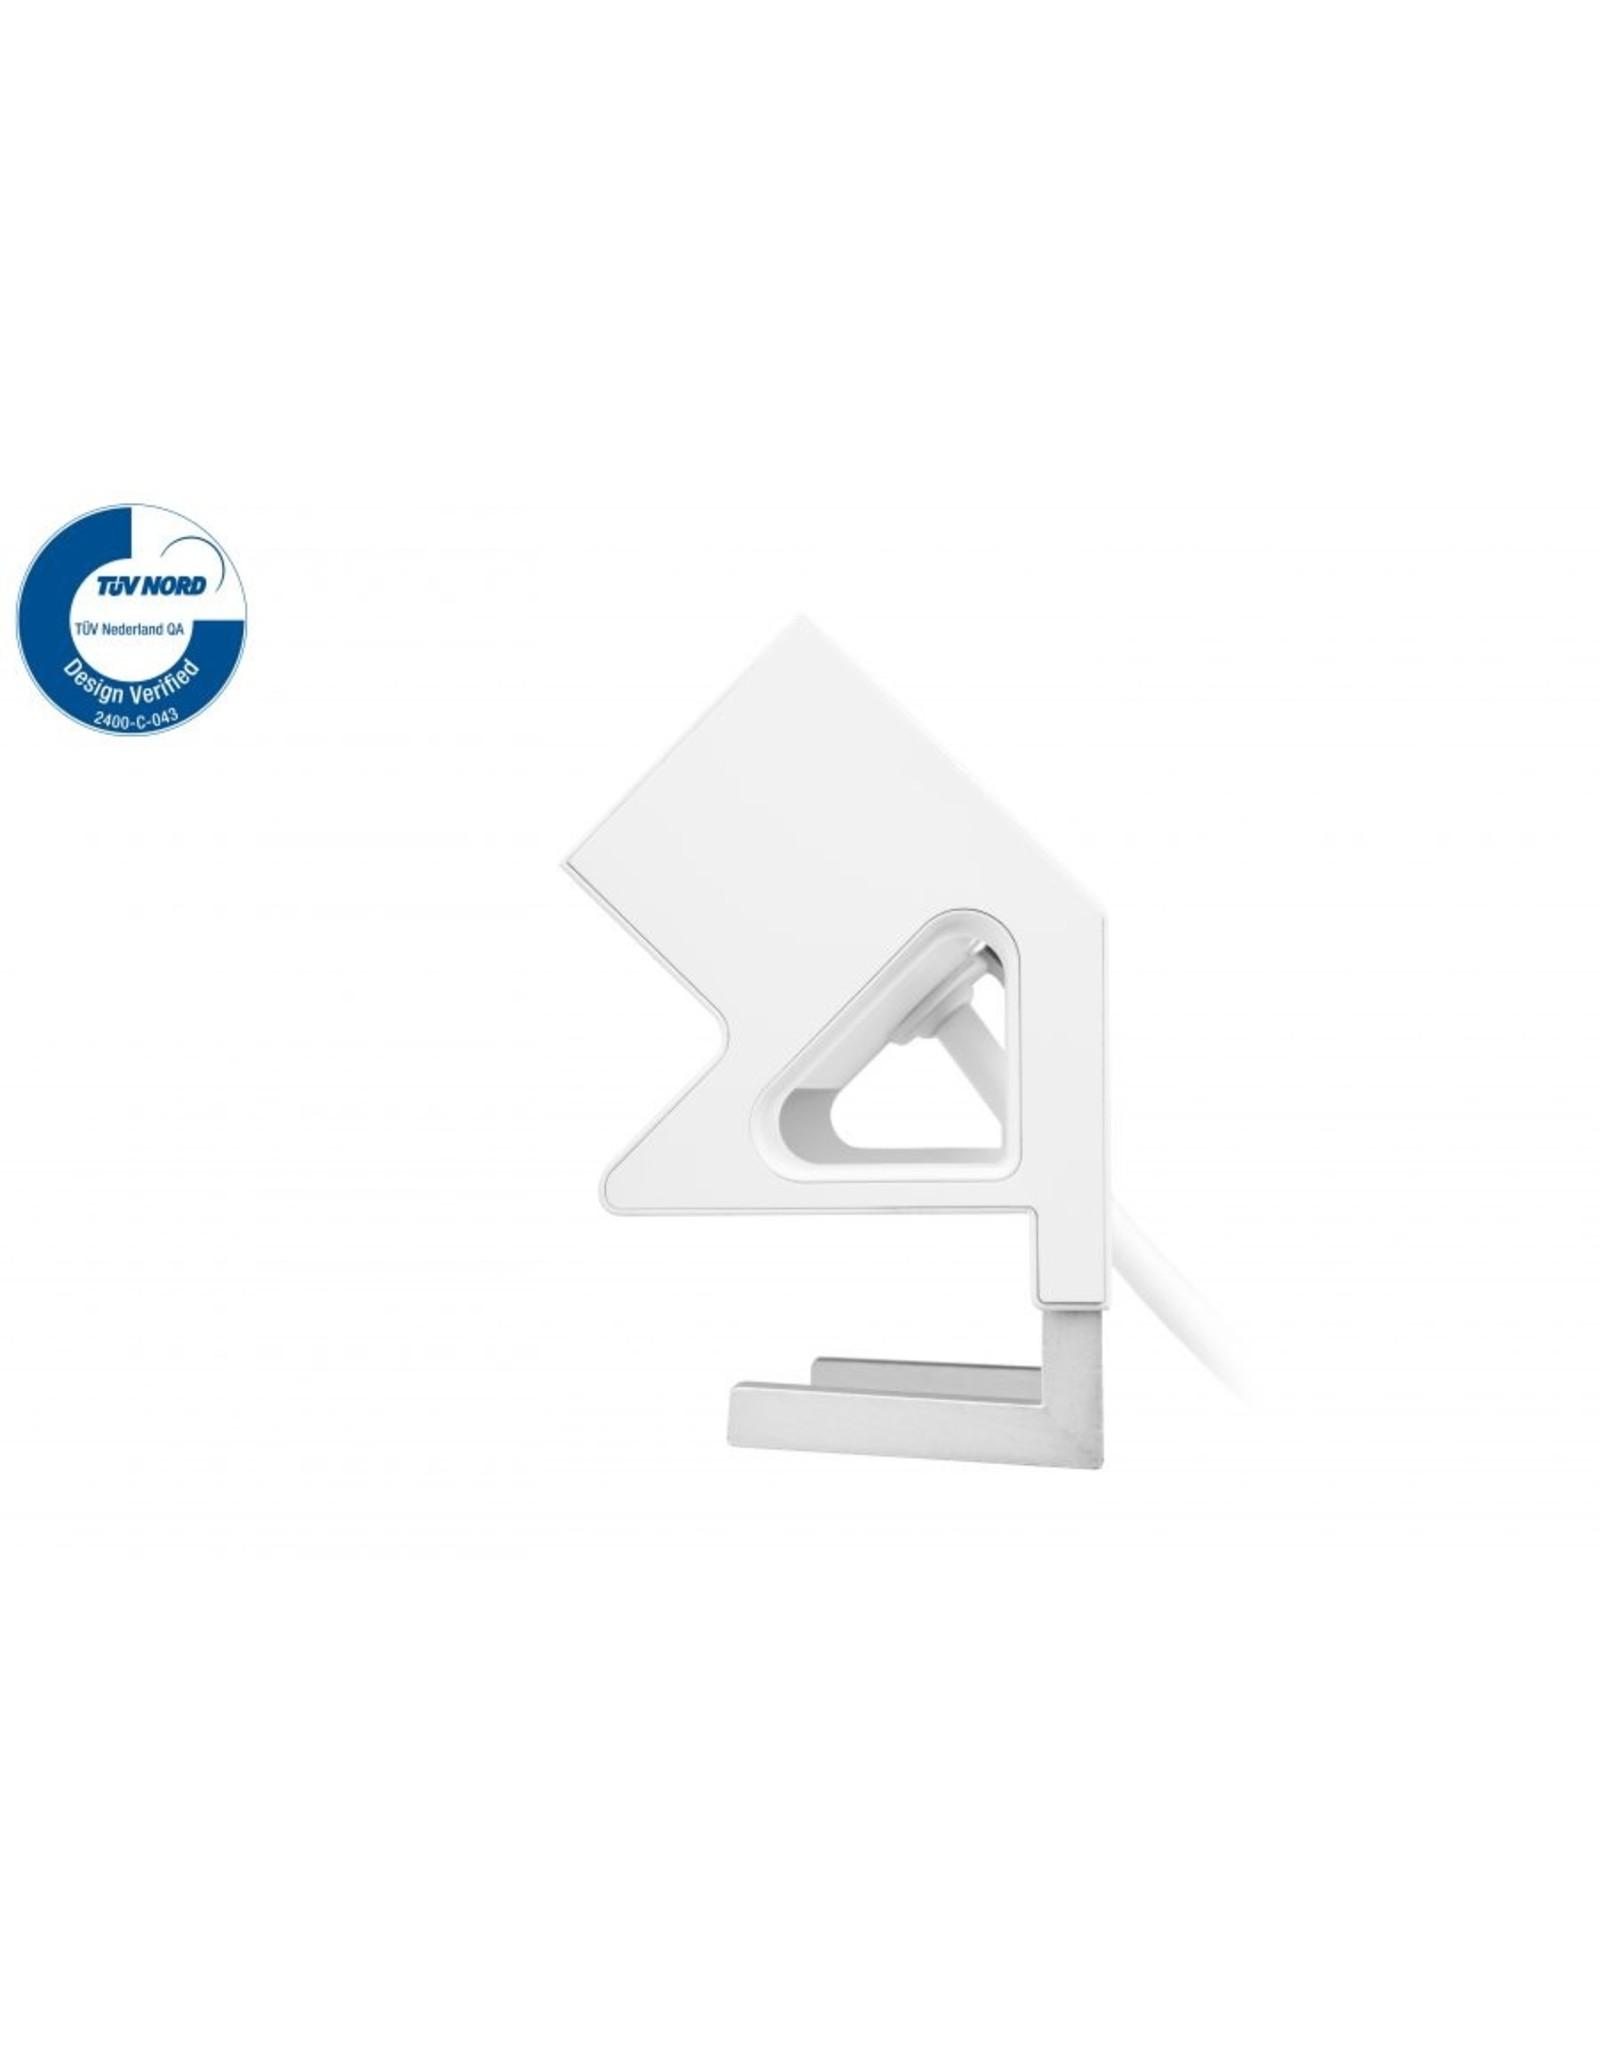 Ergo Power Desk up 2.0 - 2x 230V